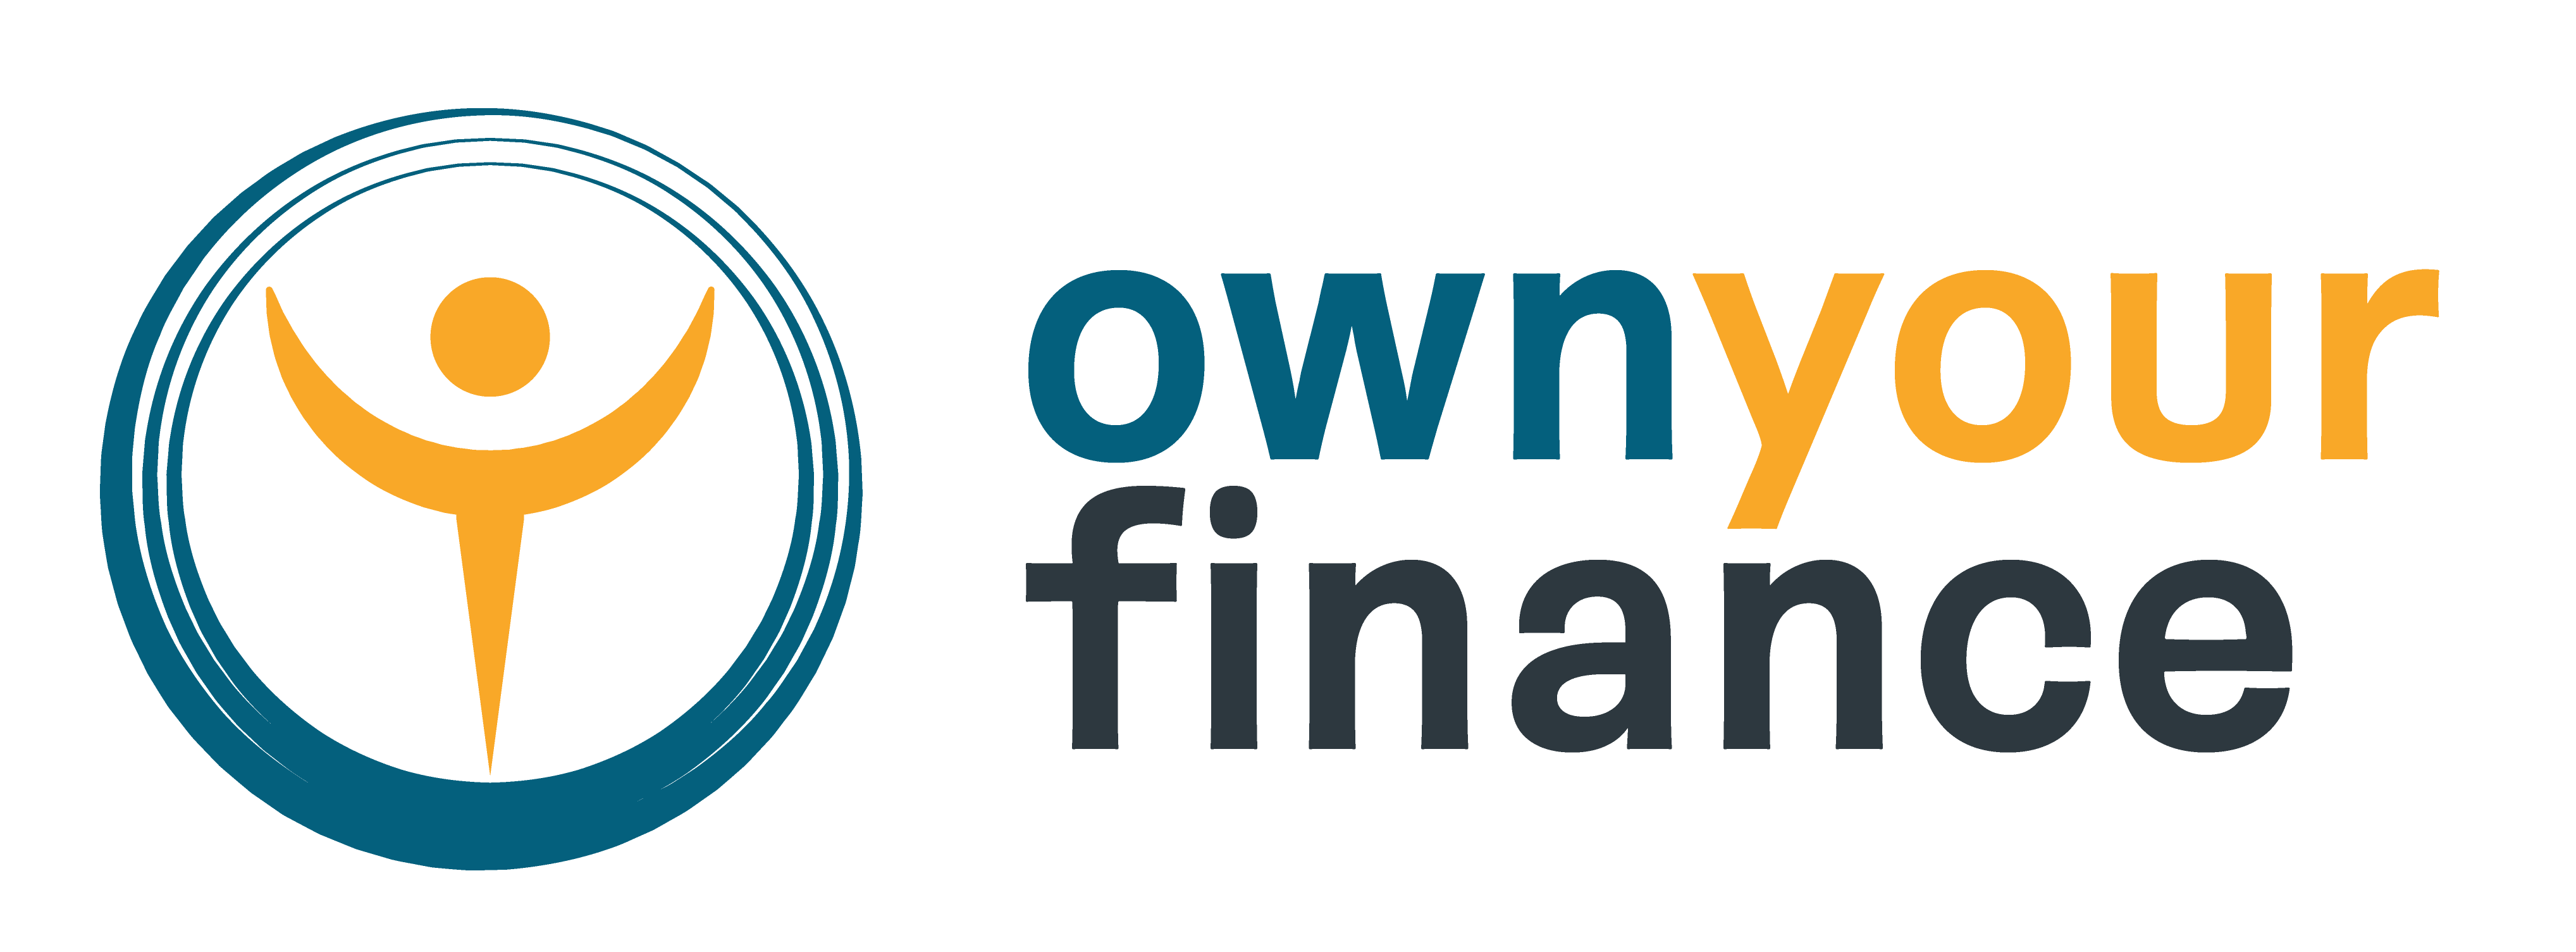 Ownyourfinance